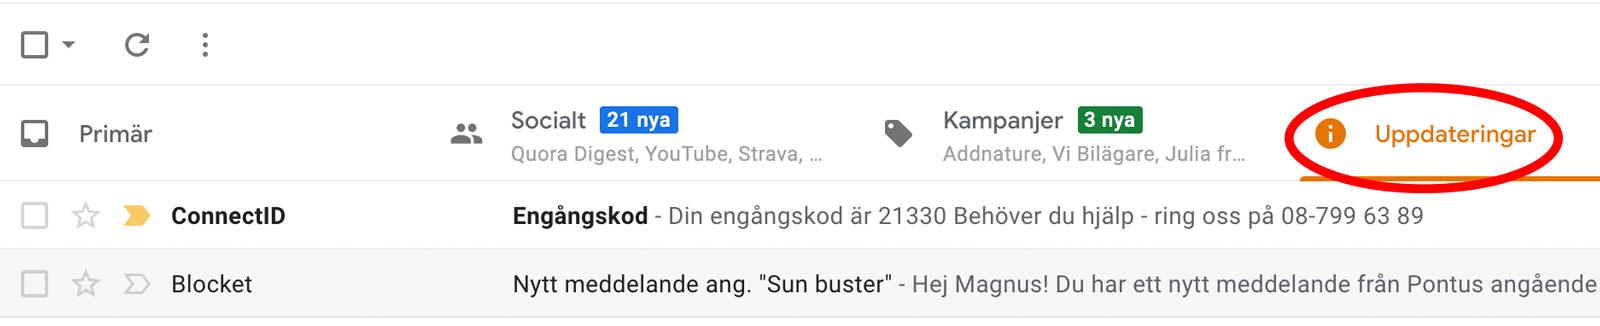 """Din engångskod för att skapa användaren kommer antingen med SMS eller epost – beroende på vad du väljer. Om du väljer epost, notera att i exempelvis Gmail landar den undre fliken """"Uppdateringar""""."""